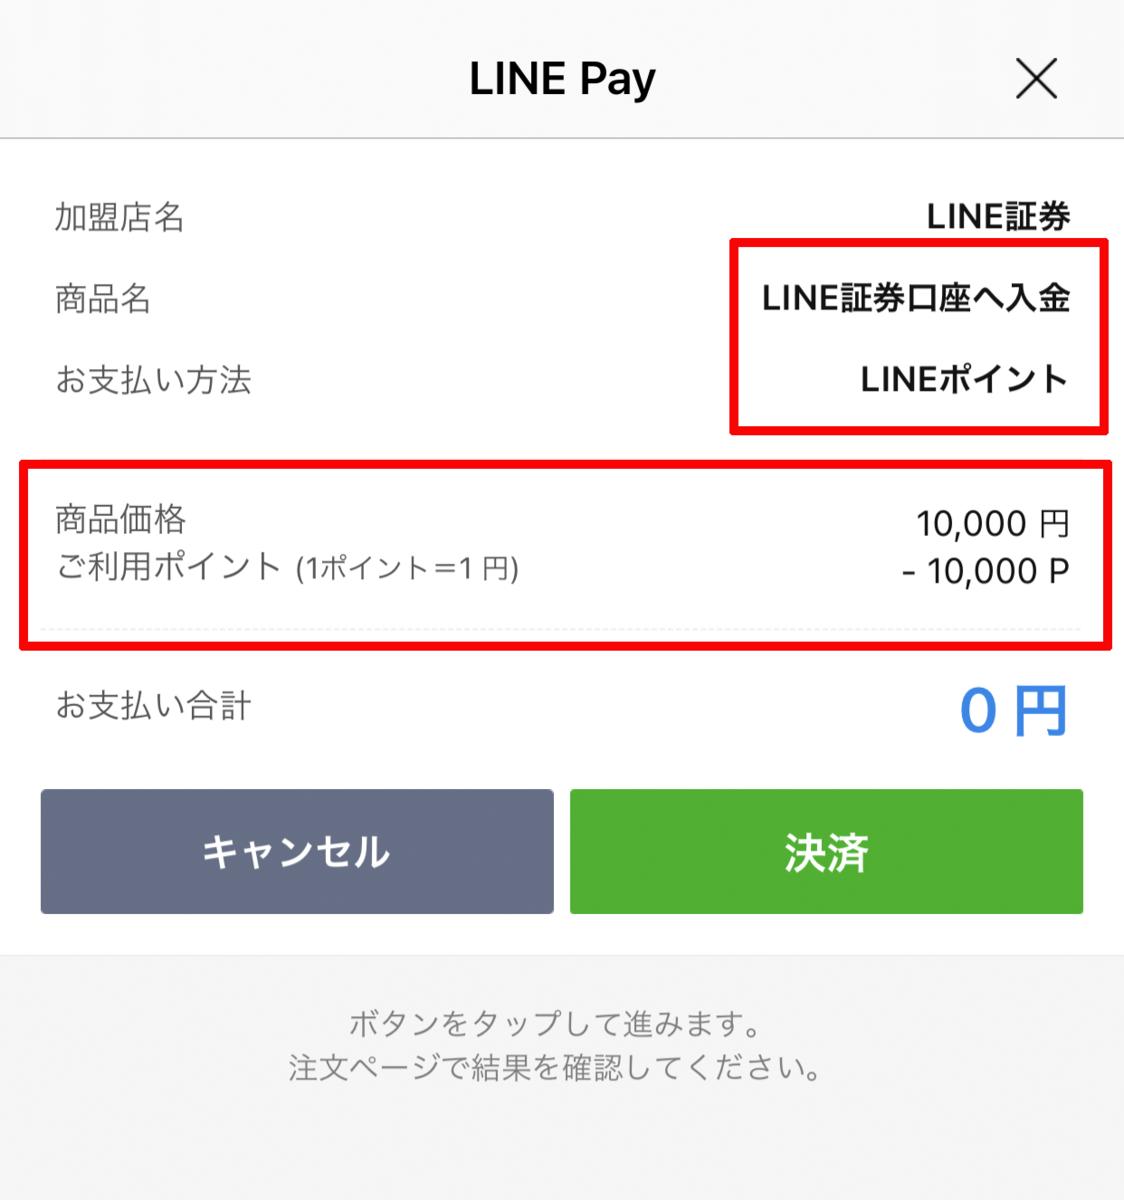 f:id:payka:20210303021202p:plain